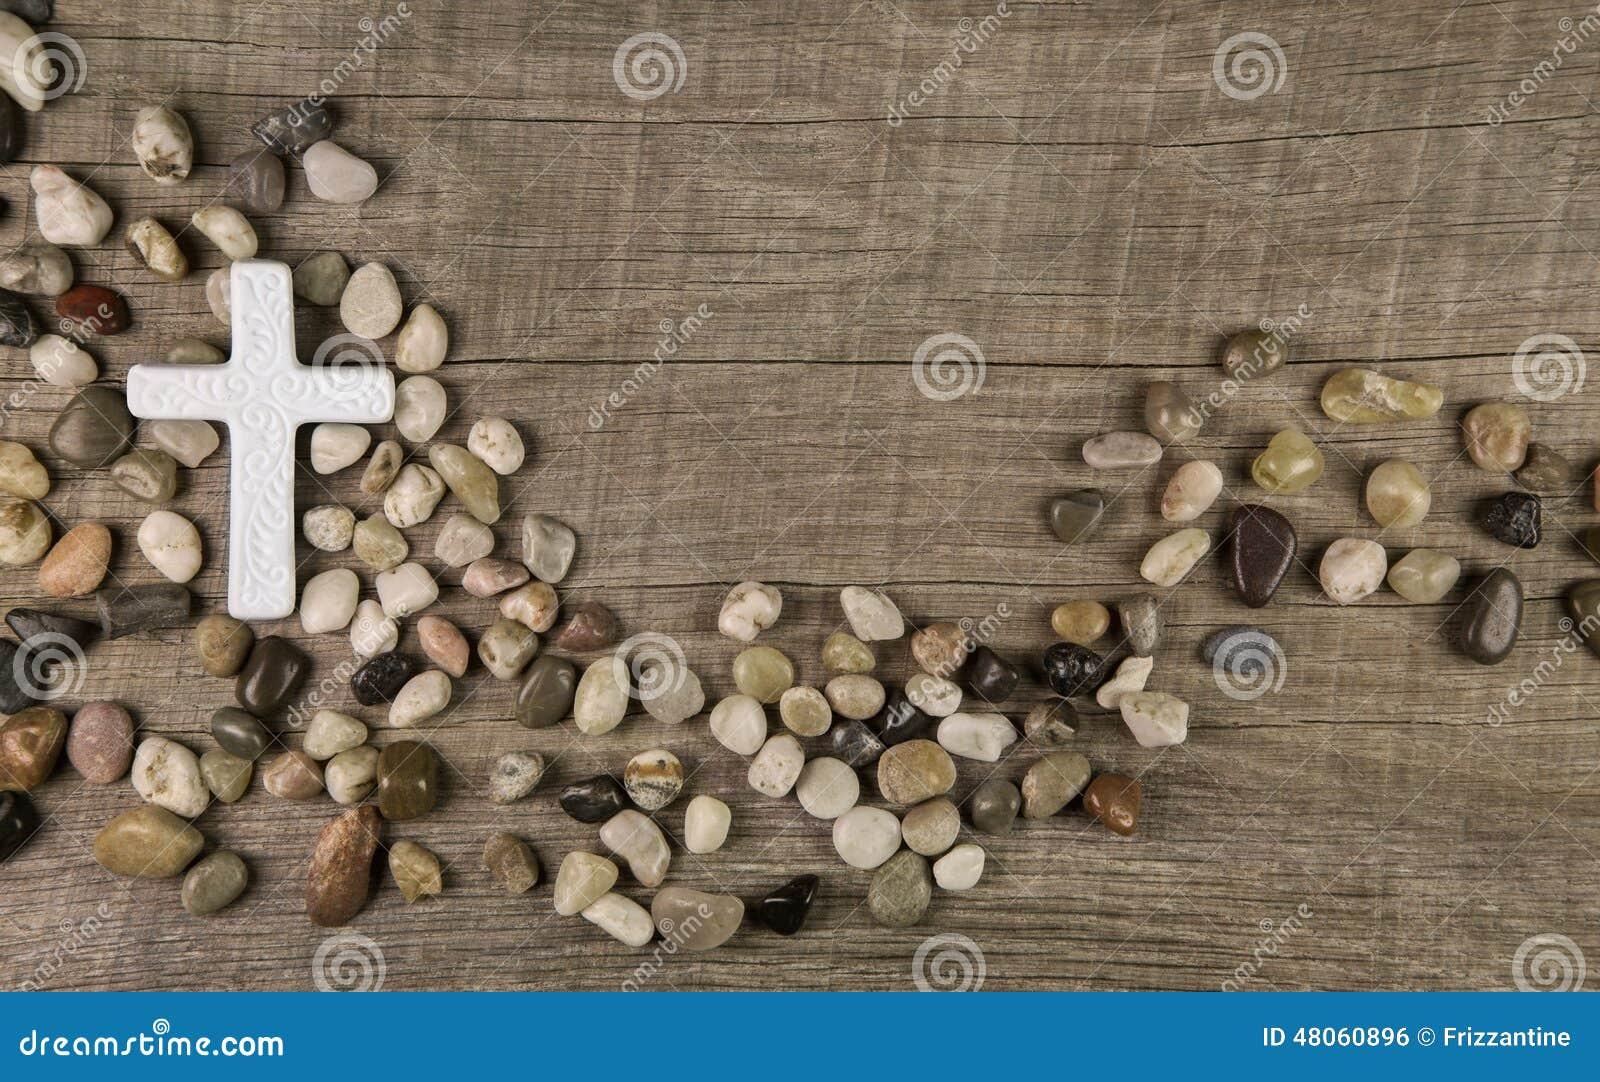 Cruz das pedras no fundo de madeira para pêsames ou lamentação